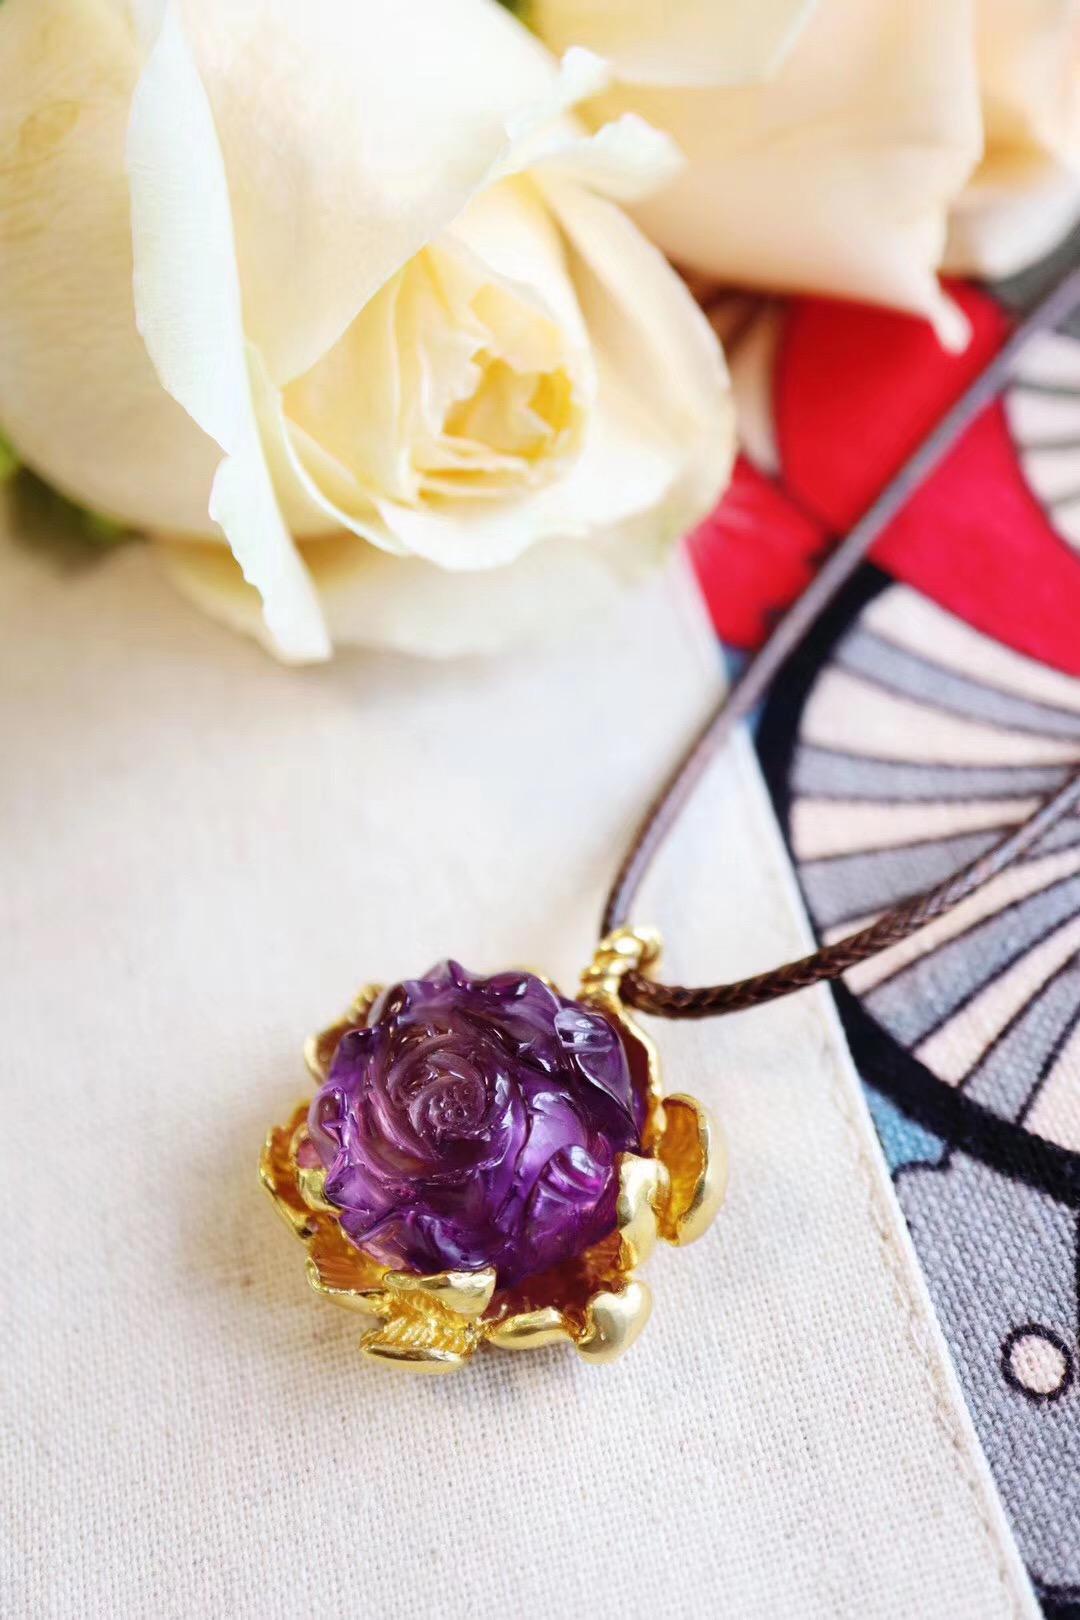 【收藏级紫晶花】那年春,除却花开不是真-菩心晶舍